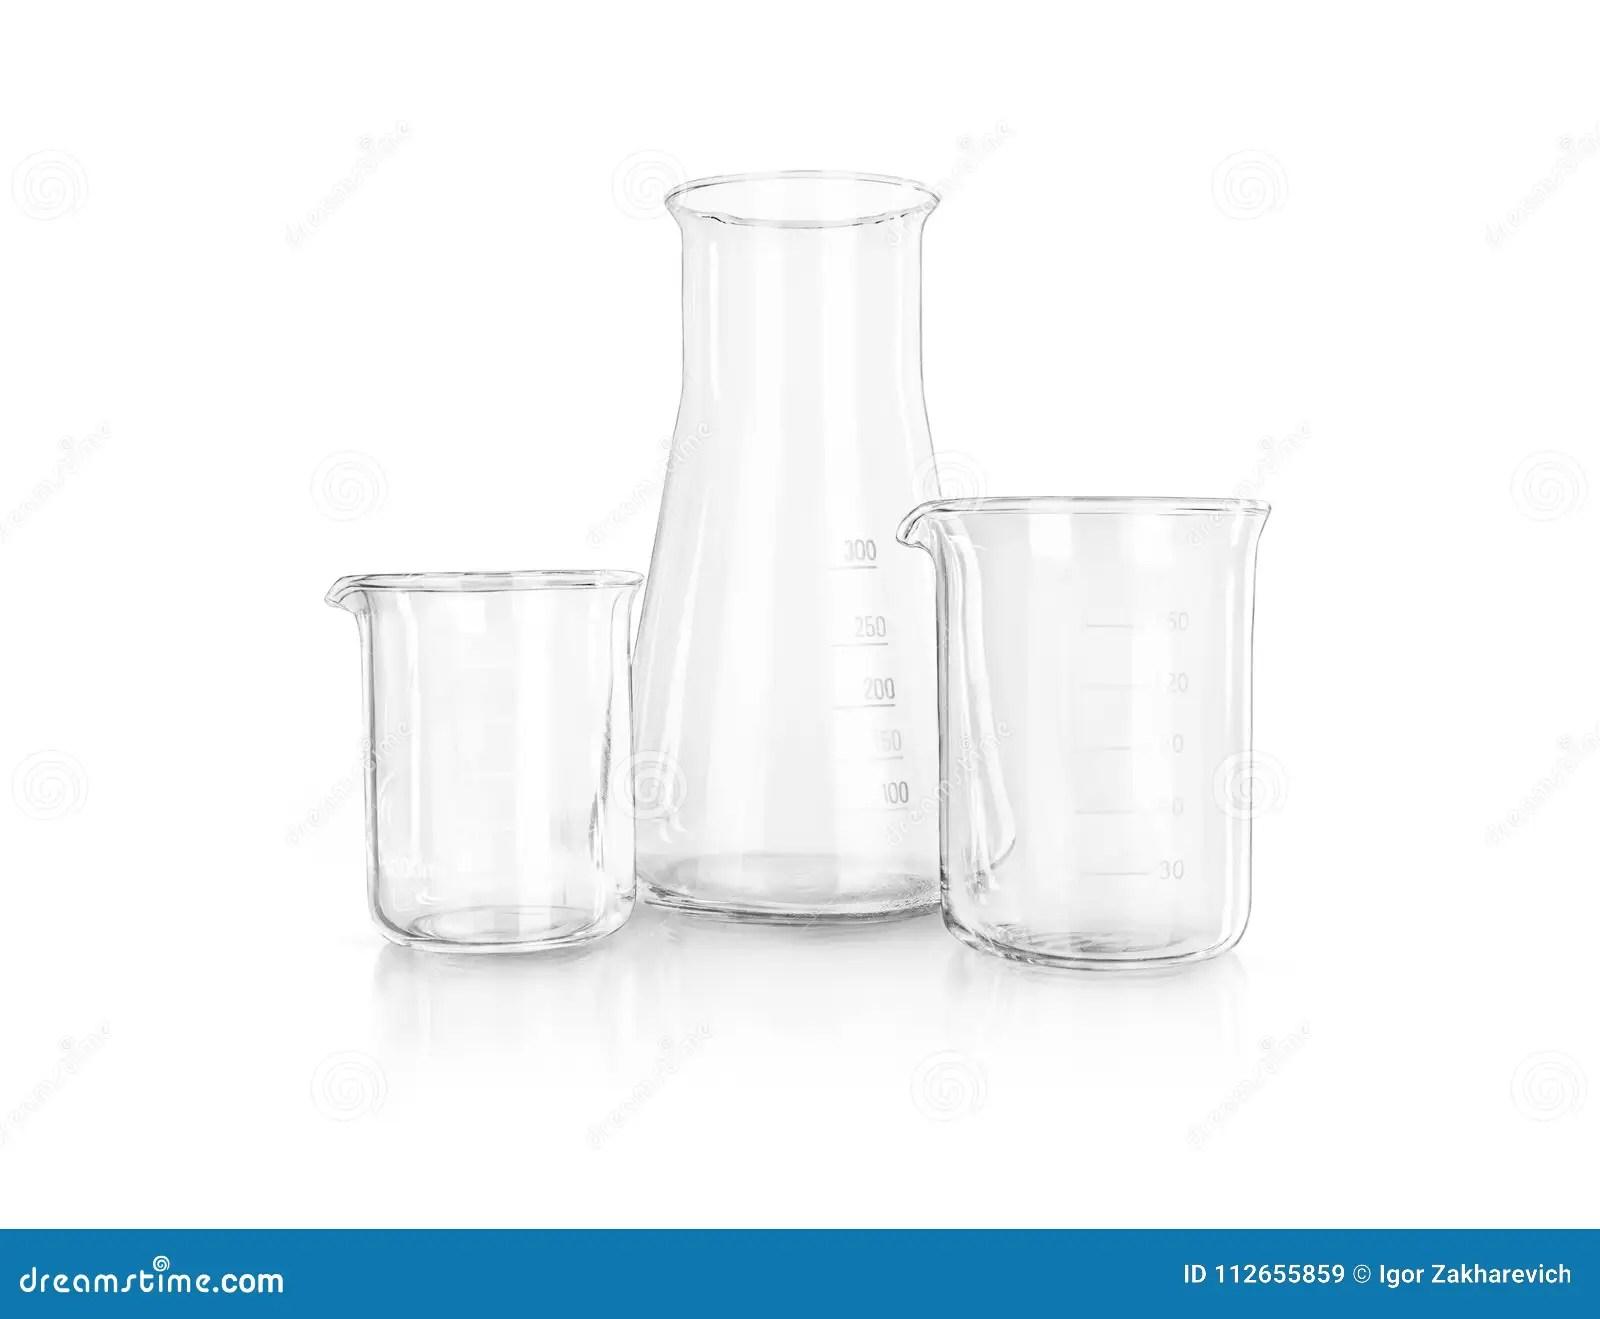 Test-tubes Isolated. Laboratory Glassware Stock Image